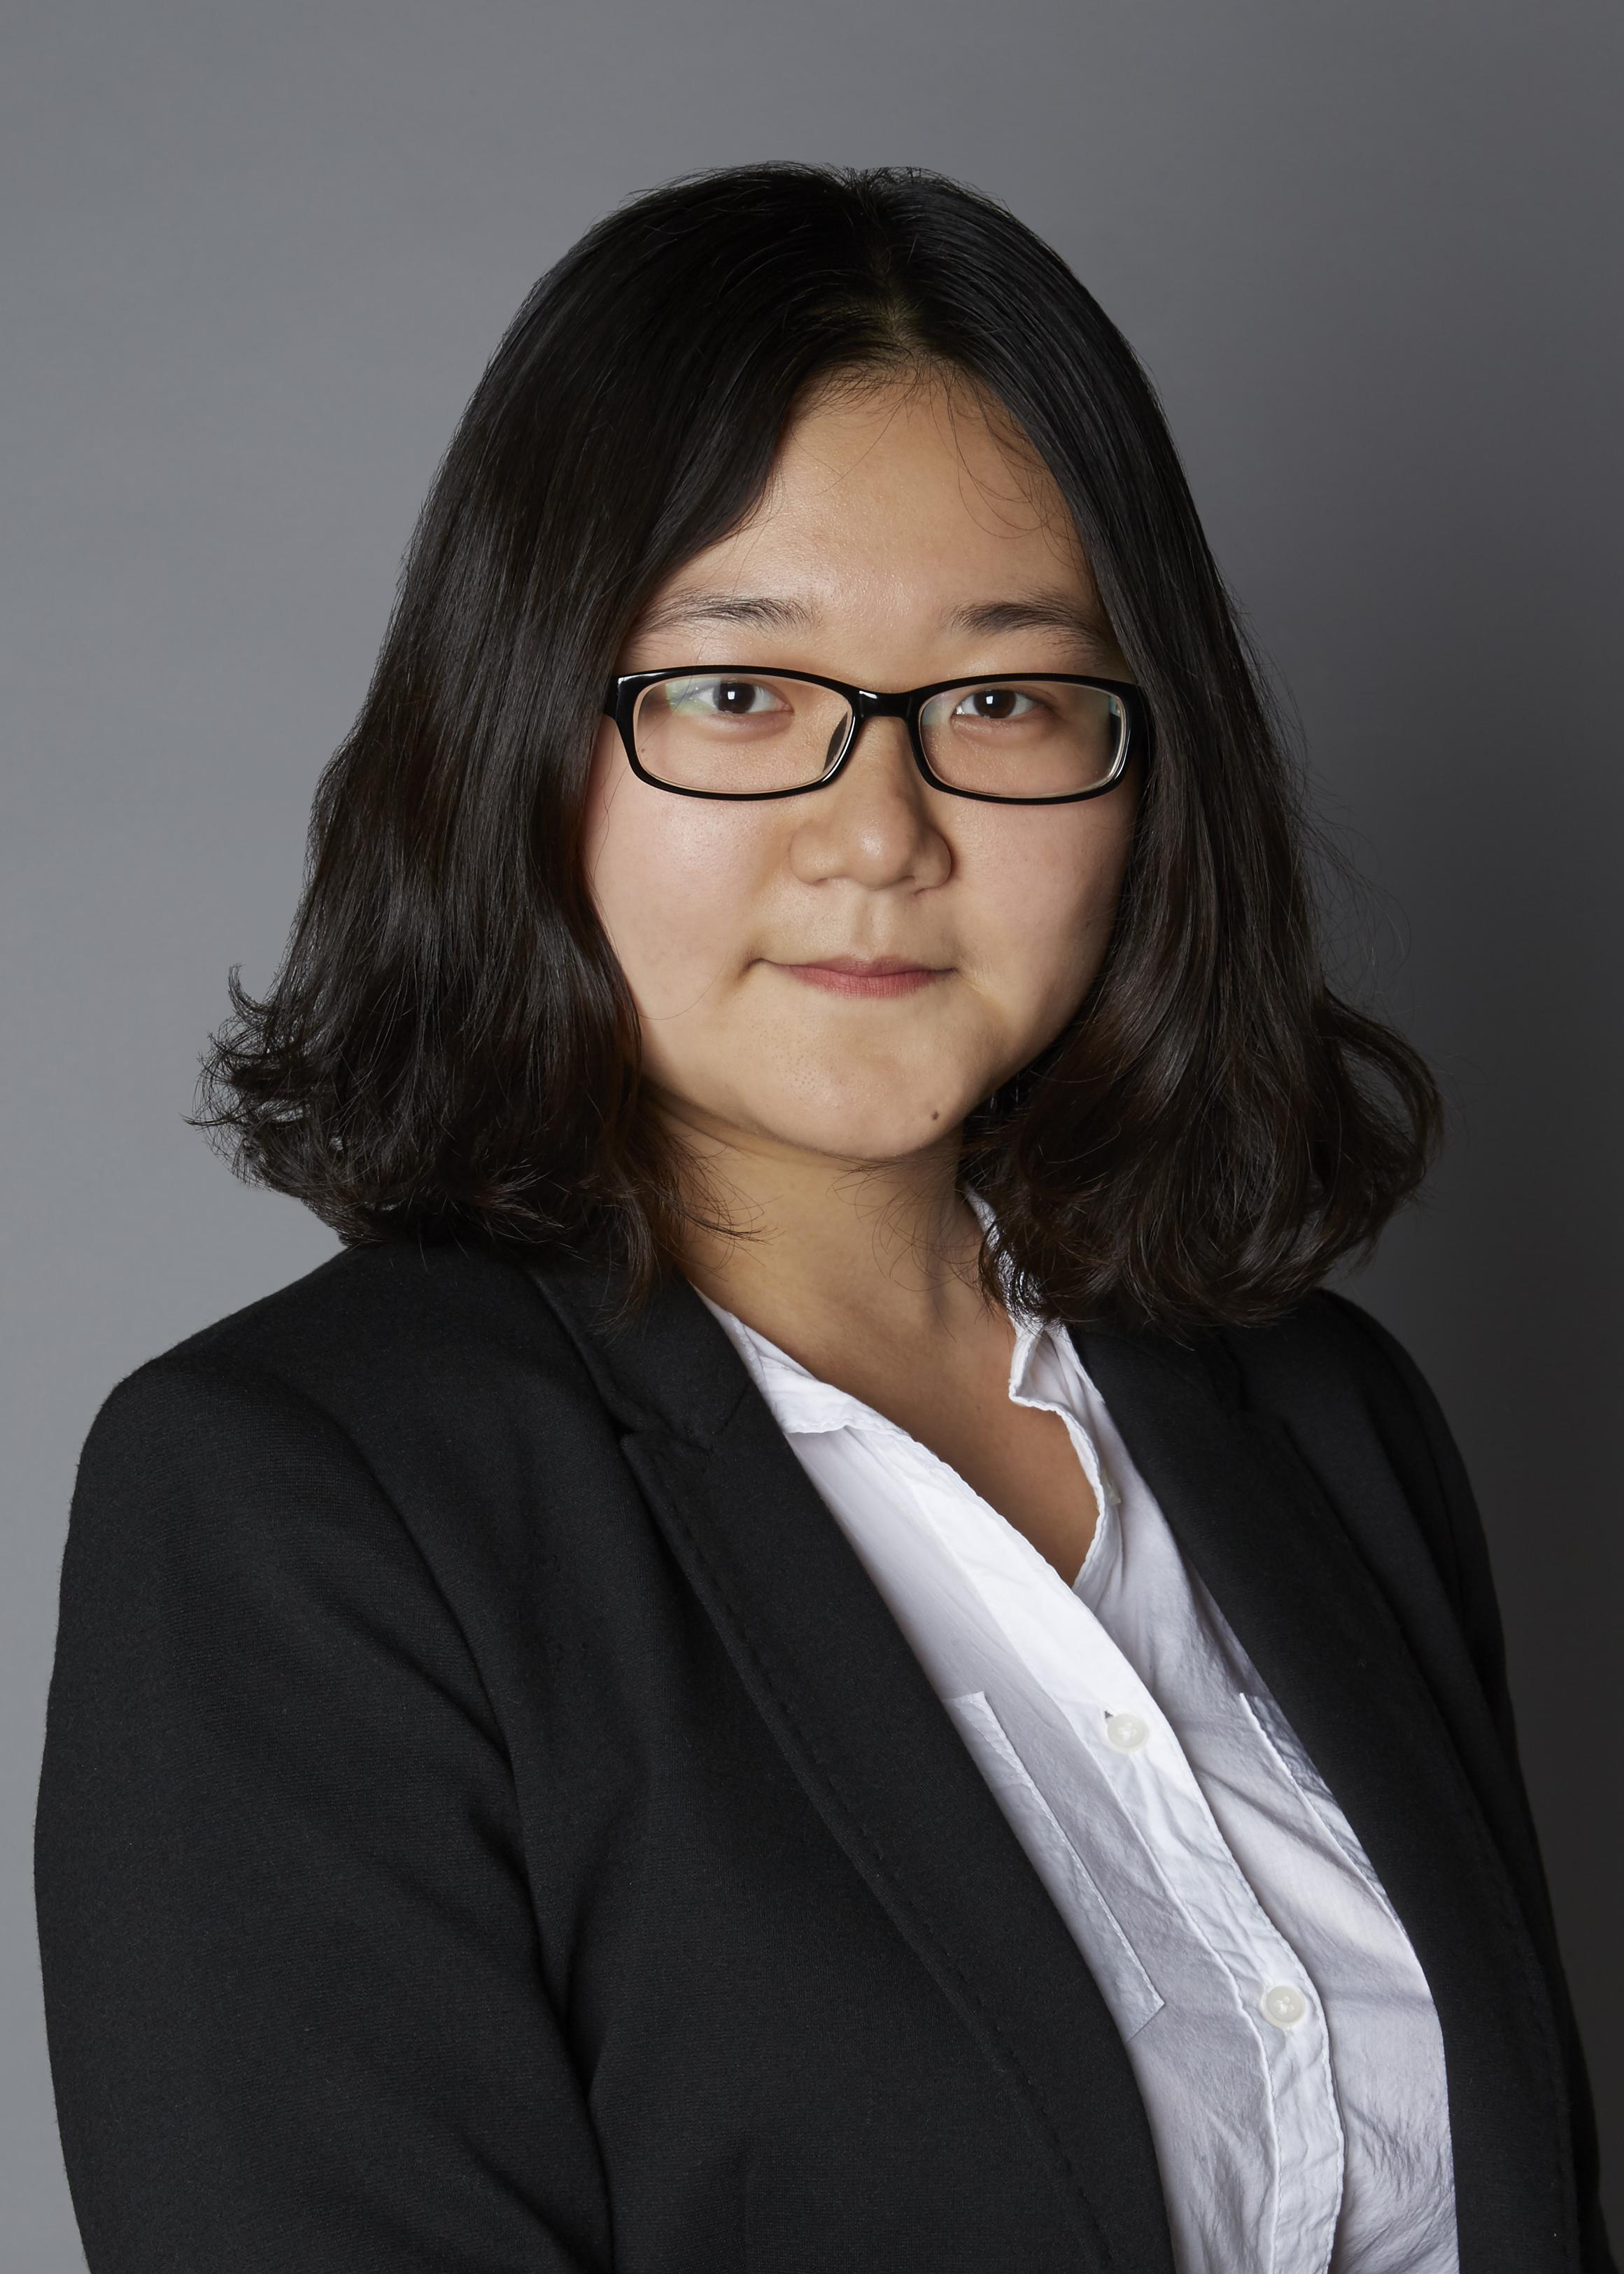 Headshot of Zejia Liu